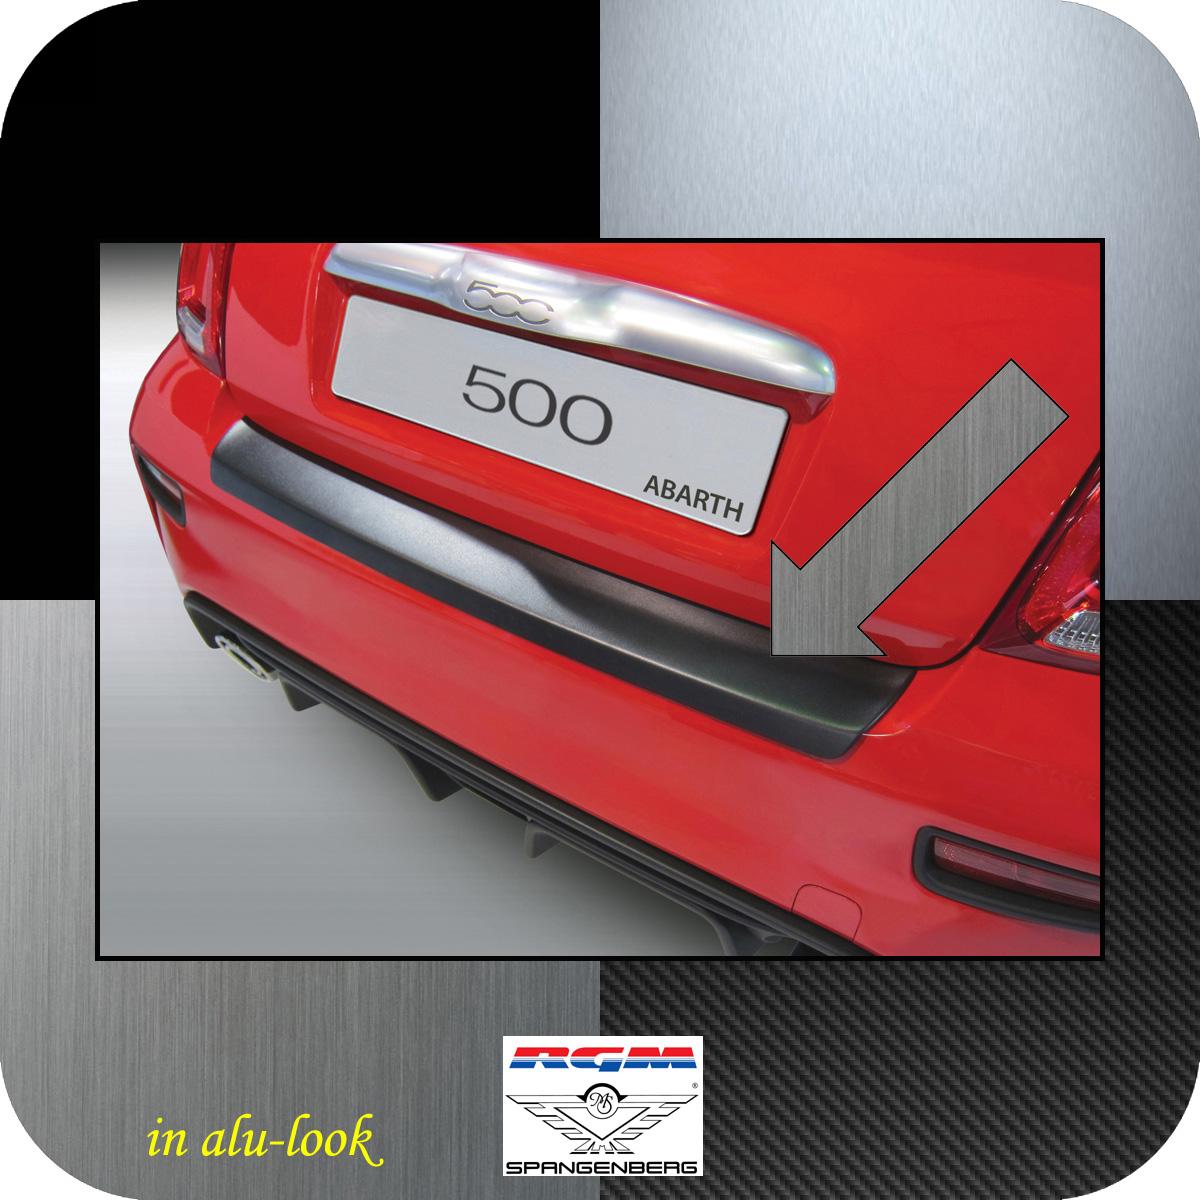 Ladekantenschutz Alu-Look Fiat 500 nur Modelle Abarth ab Baujahr 2016- 3504935